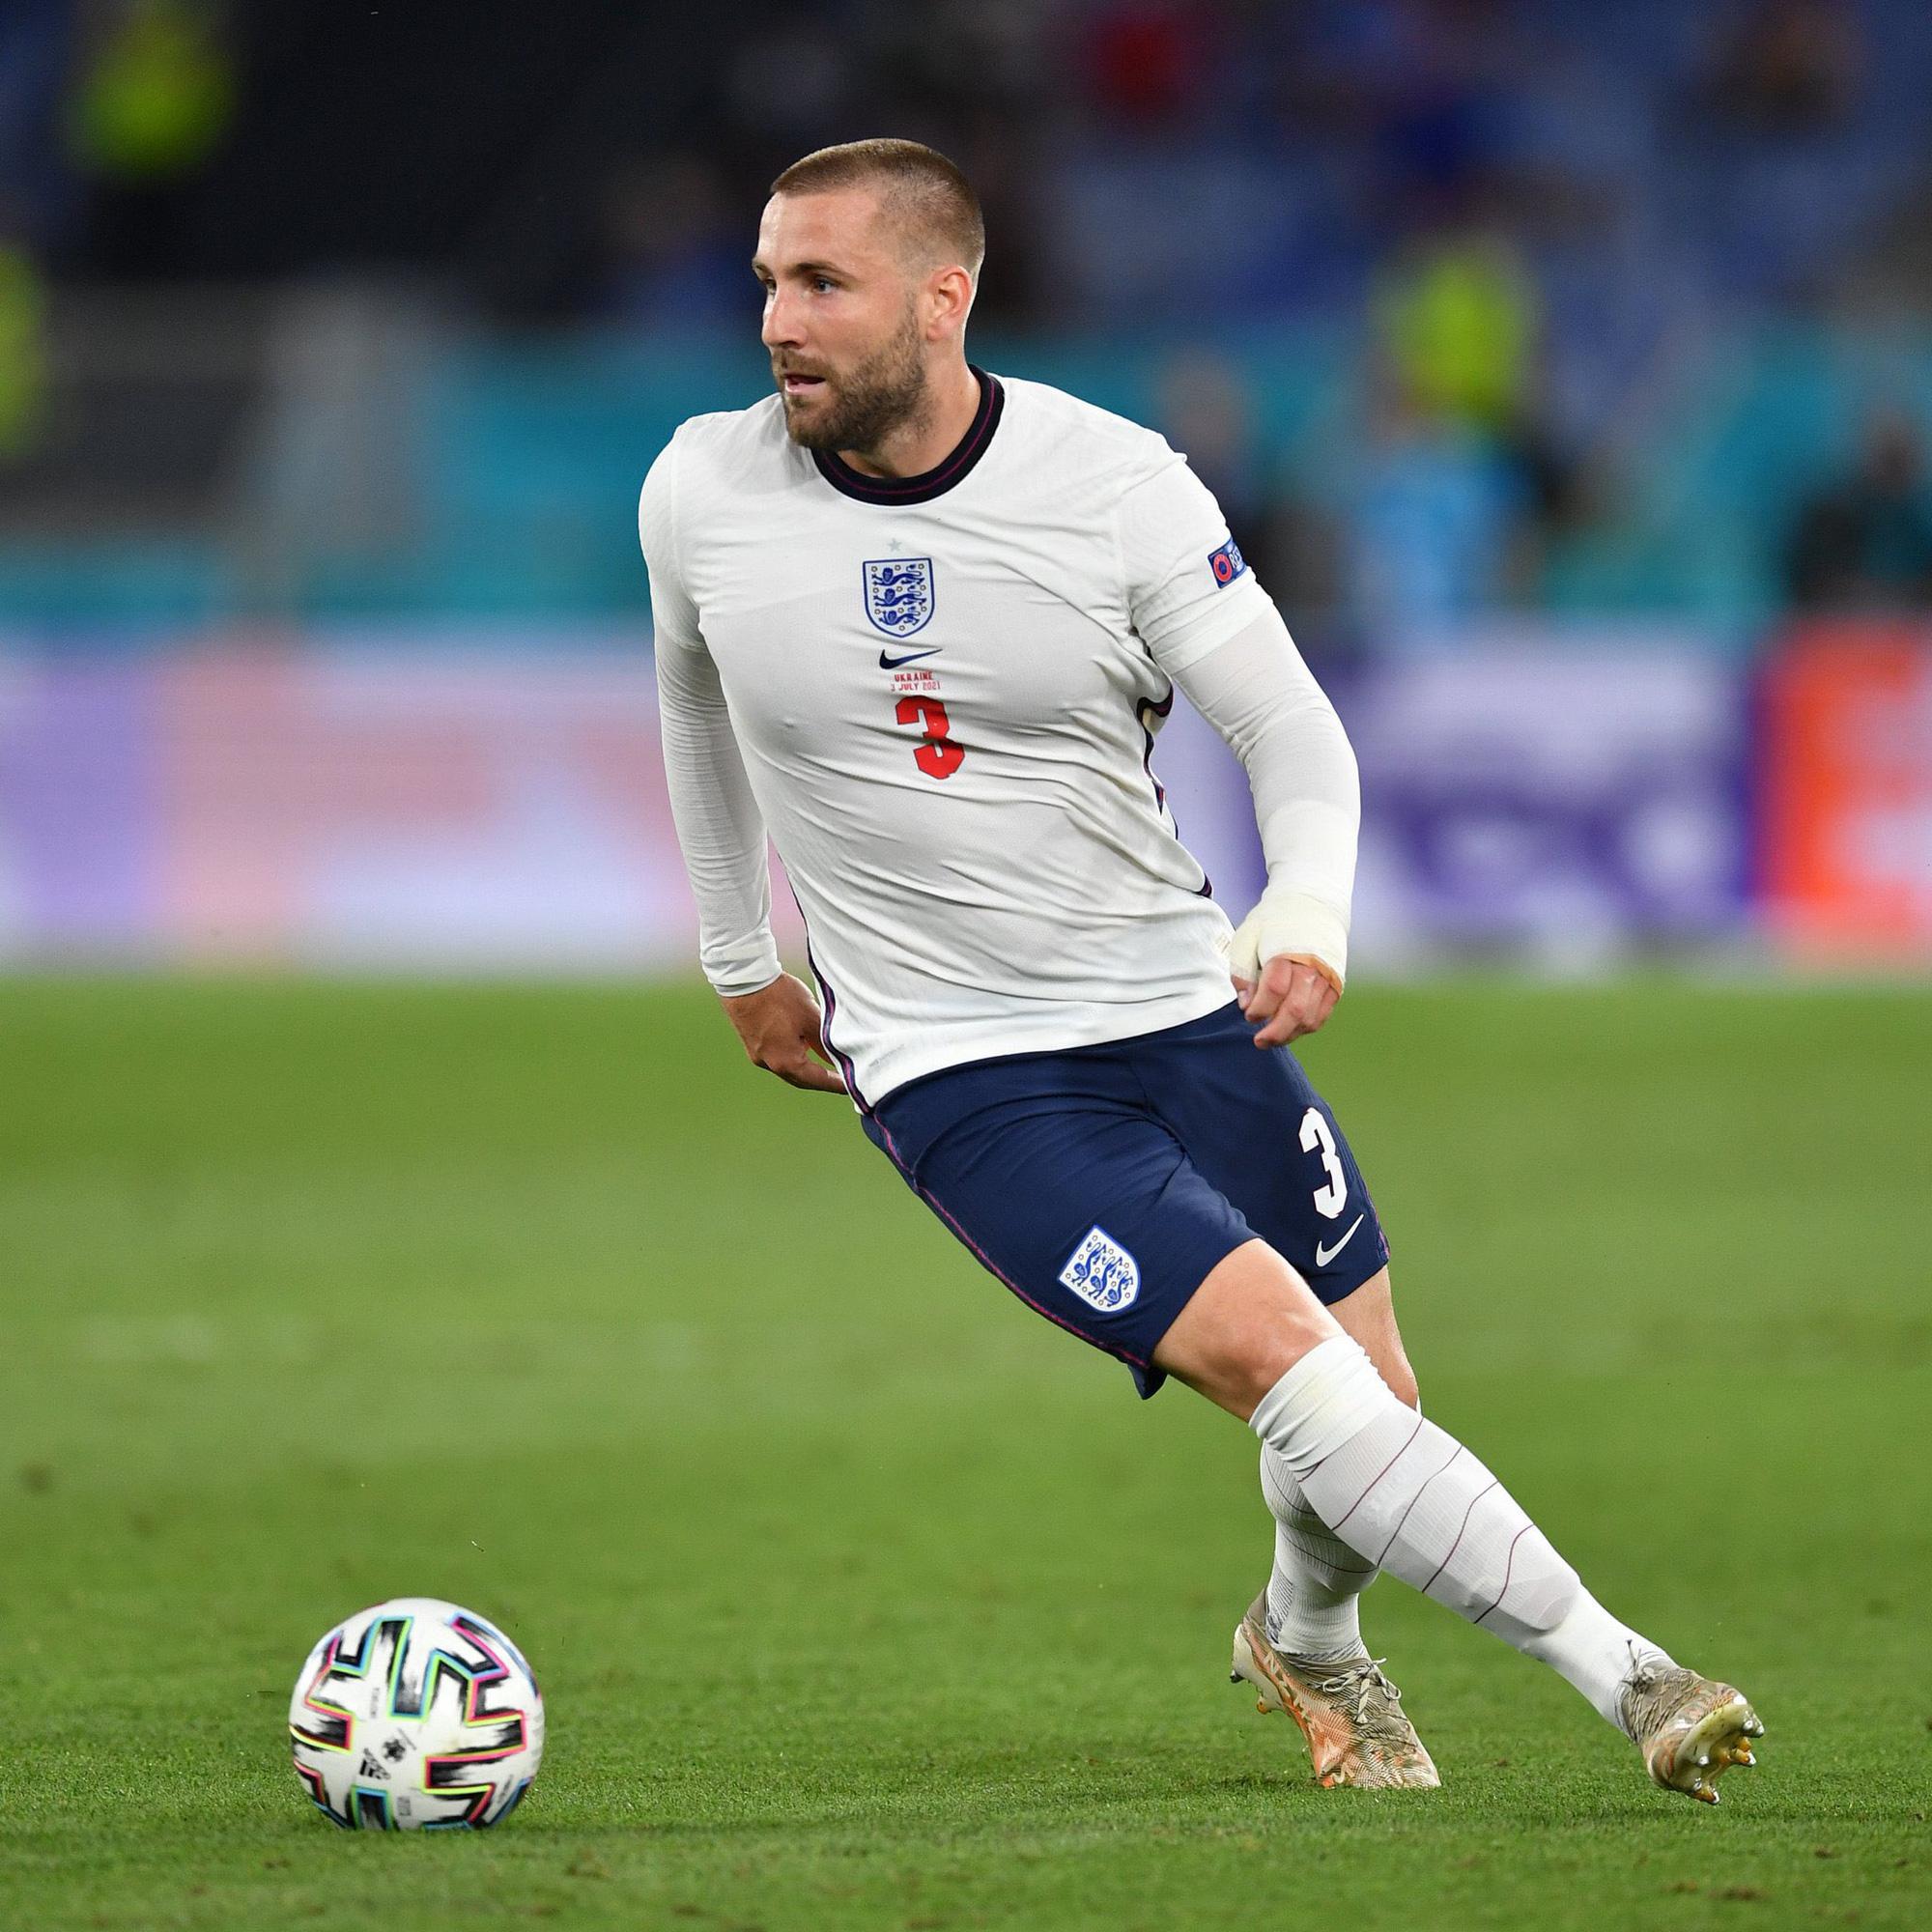 Chấm điểm cầu thủ Anh vs Đan Mạch: Maguire và Sterling tỏa sáng rực rỡ - Ảnh 5.